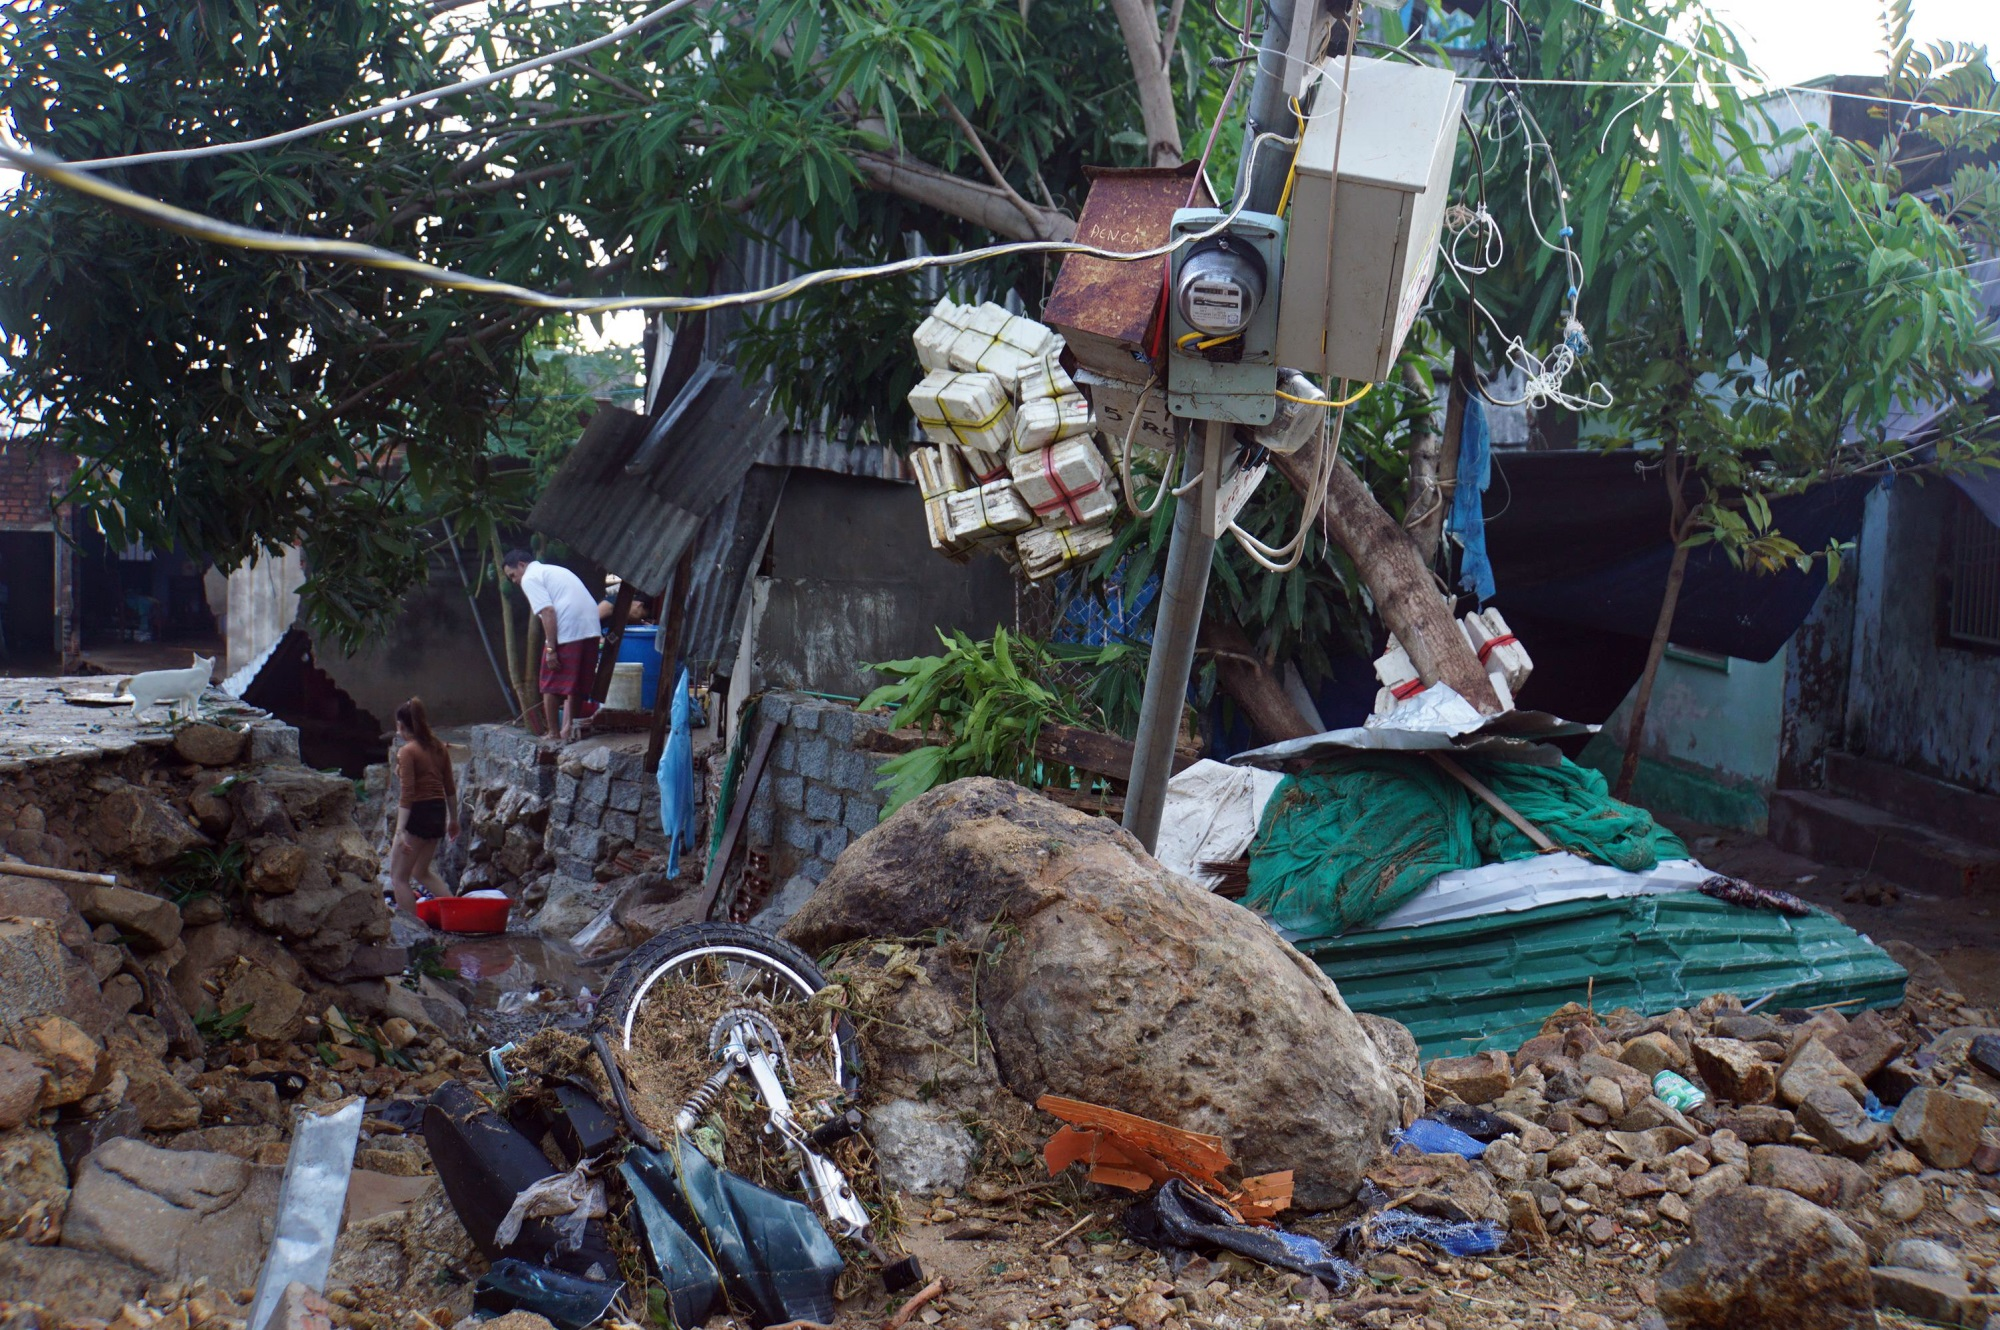 Thôn nghèo tan hoang, 5 người chết và mất tích sau cơn thịnh nộ của thiên nhiên - Ảnh 4